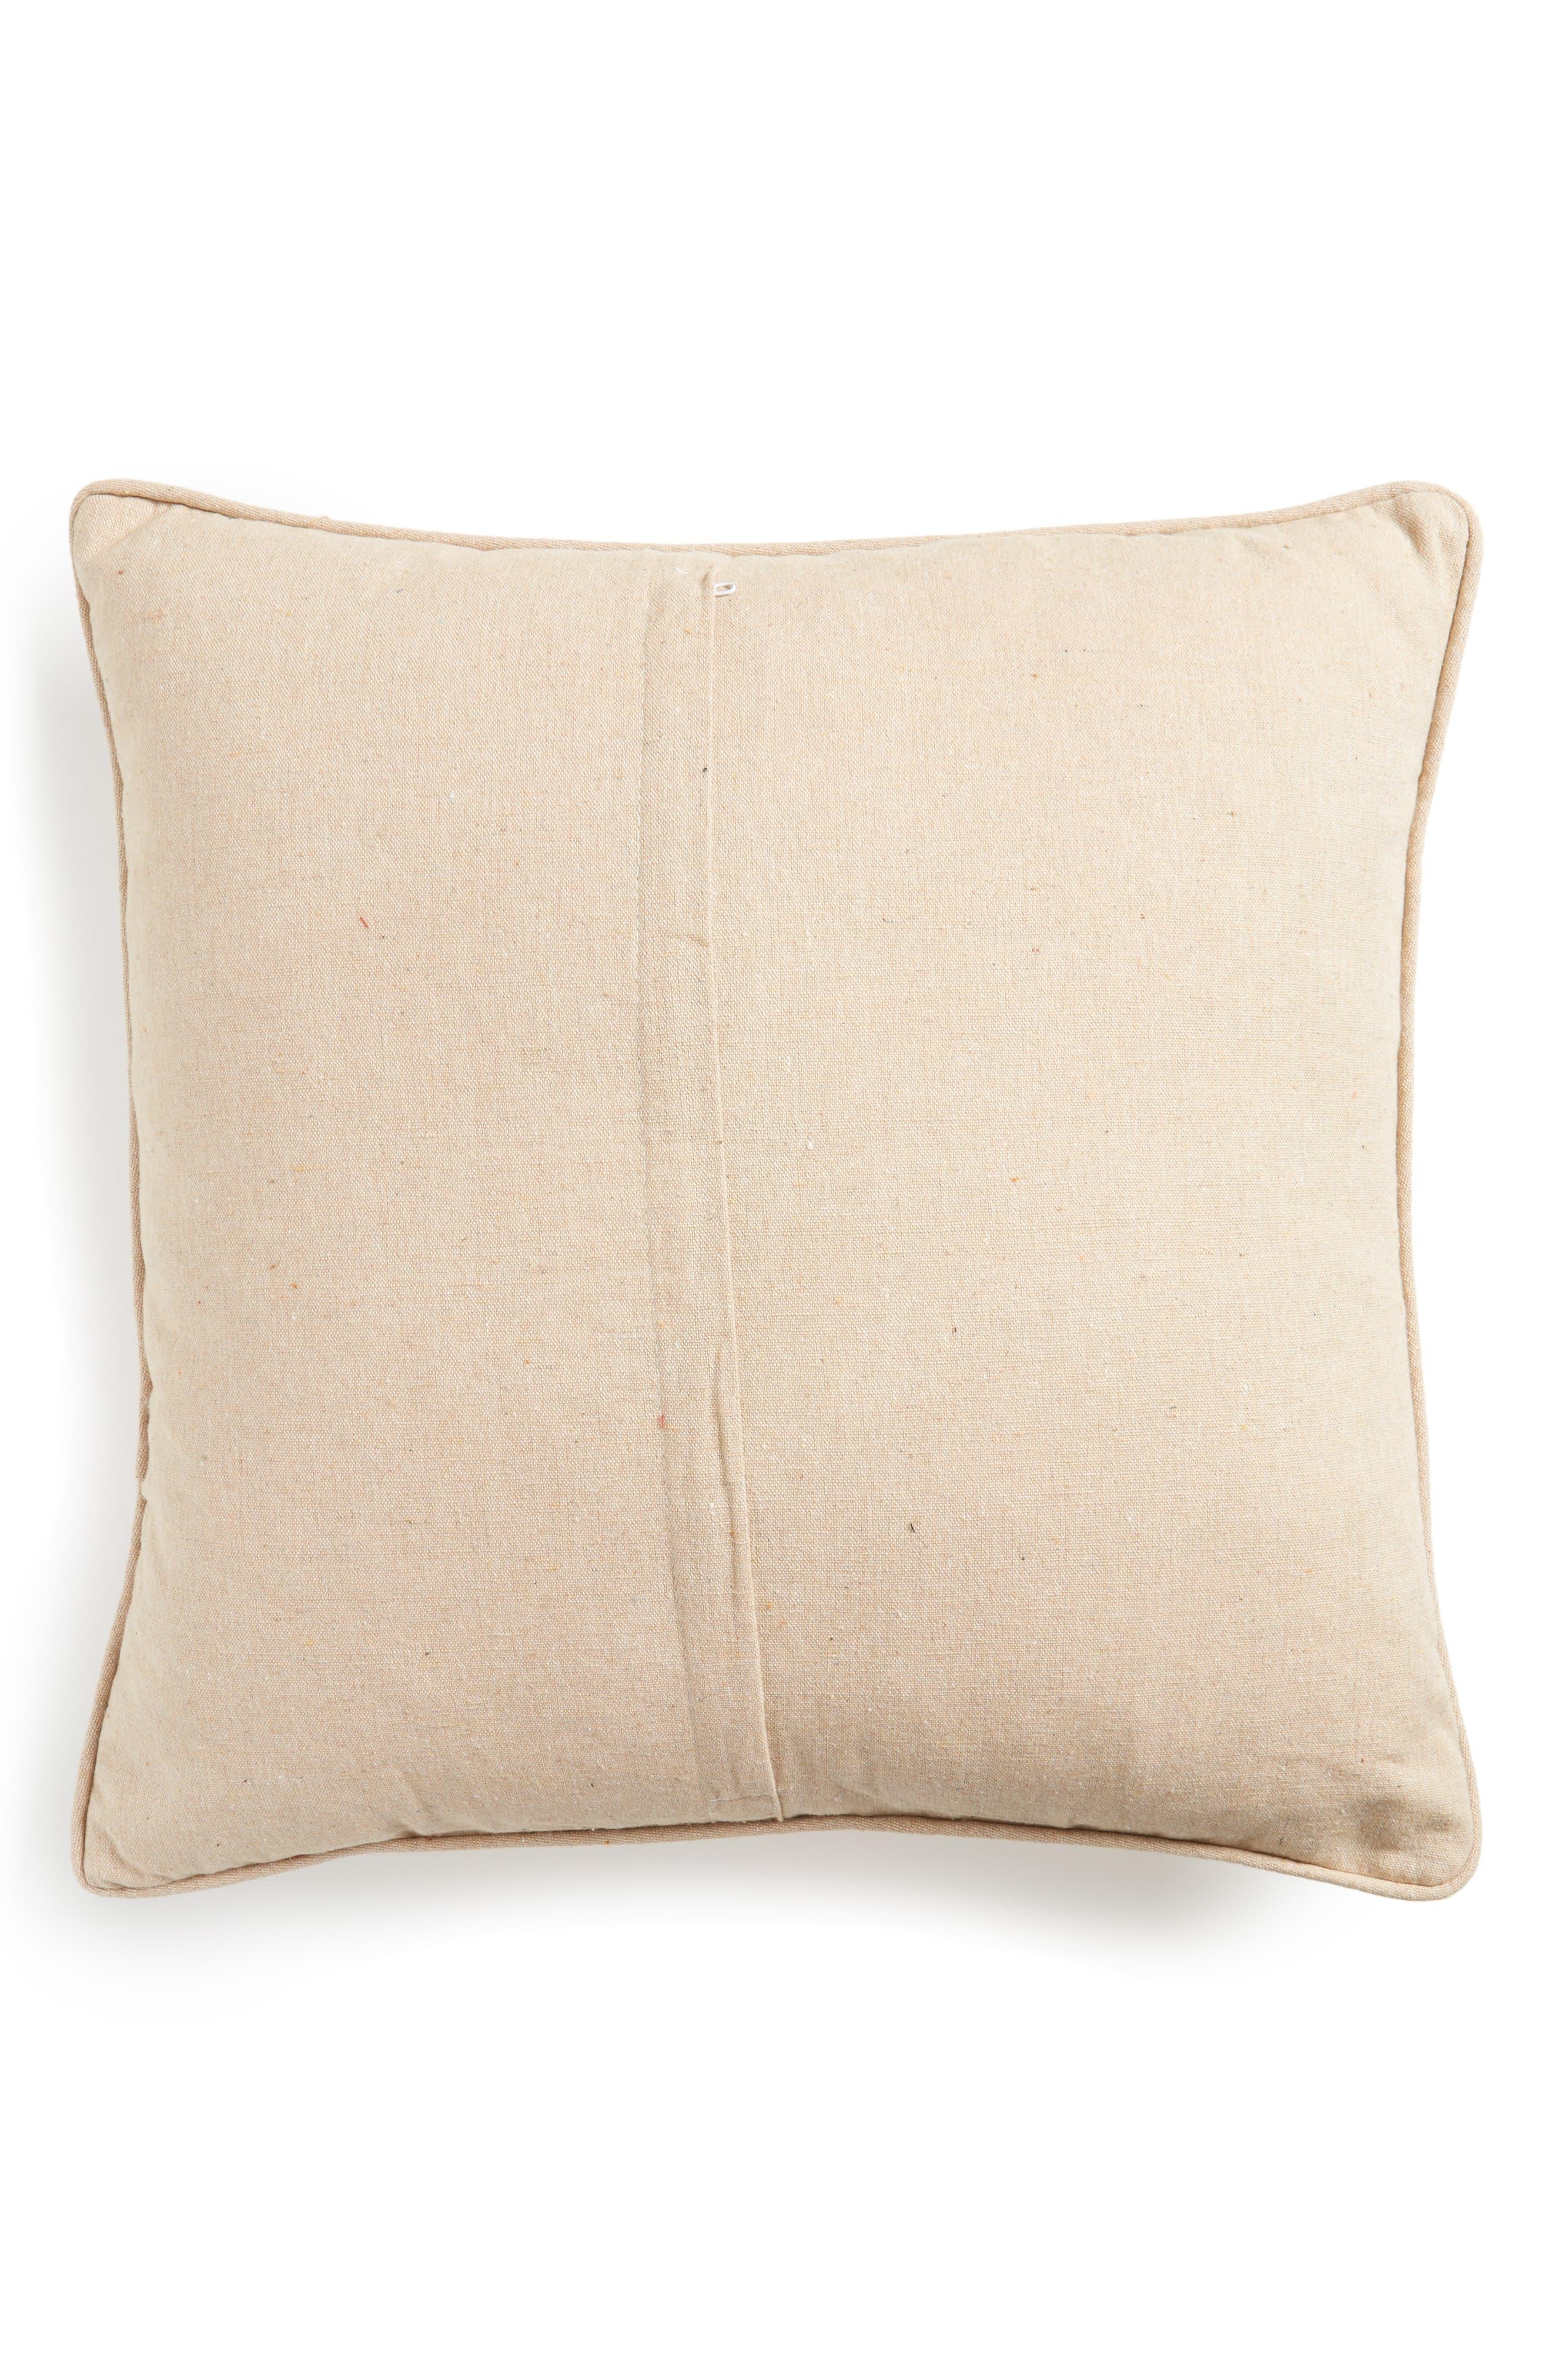 Plaid Merry Kissmoose Accent Pillow,                             Alternate thumbnail 2, color,                             900